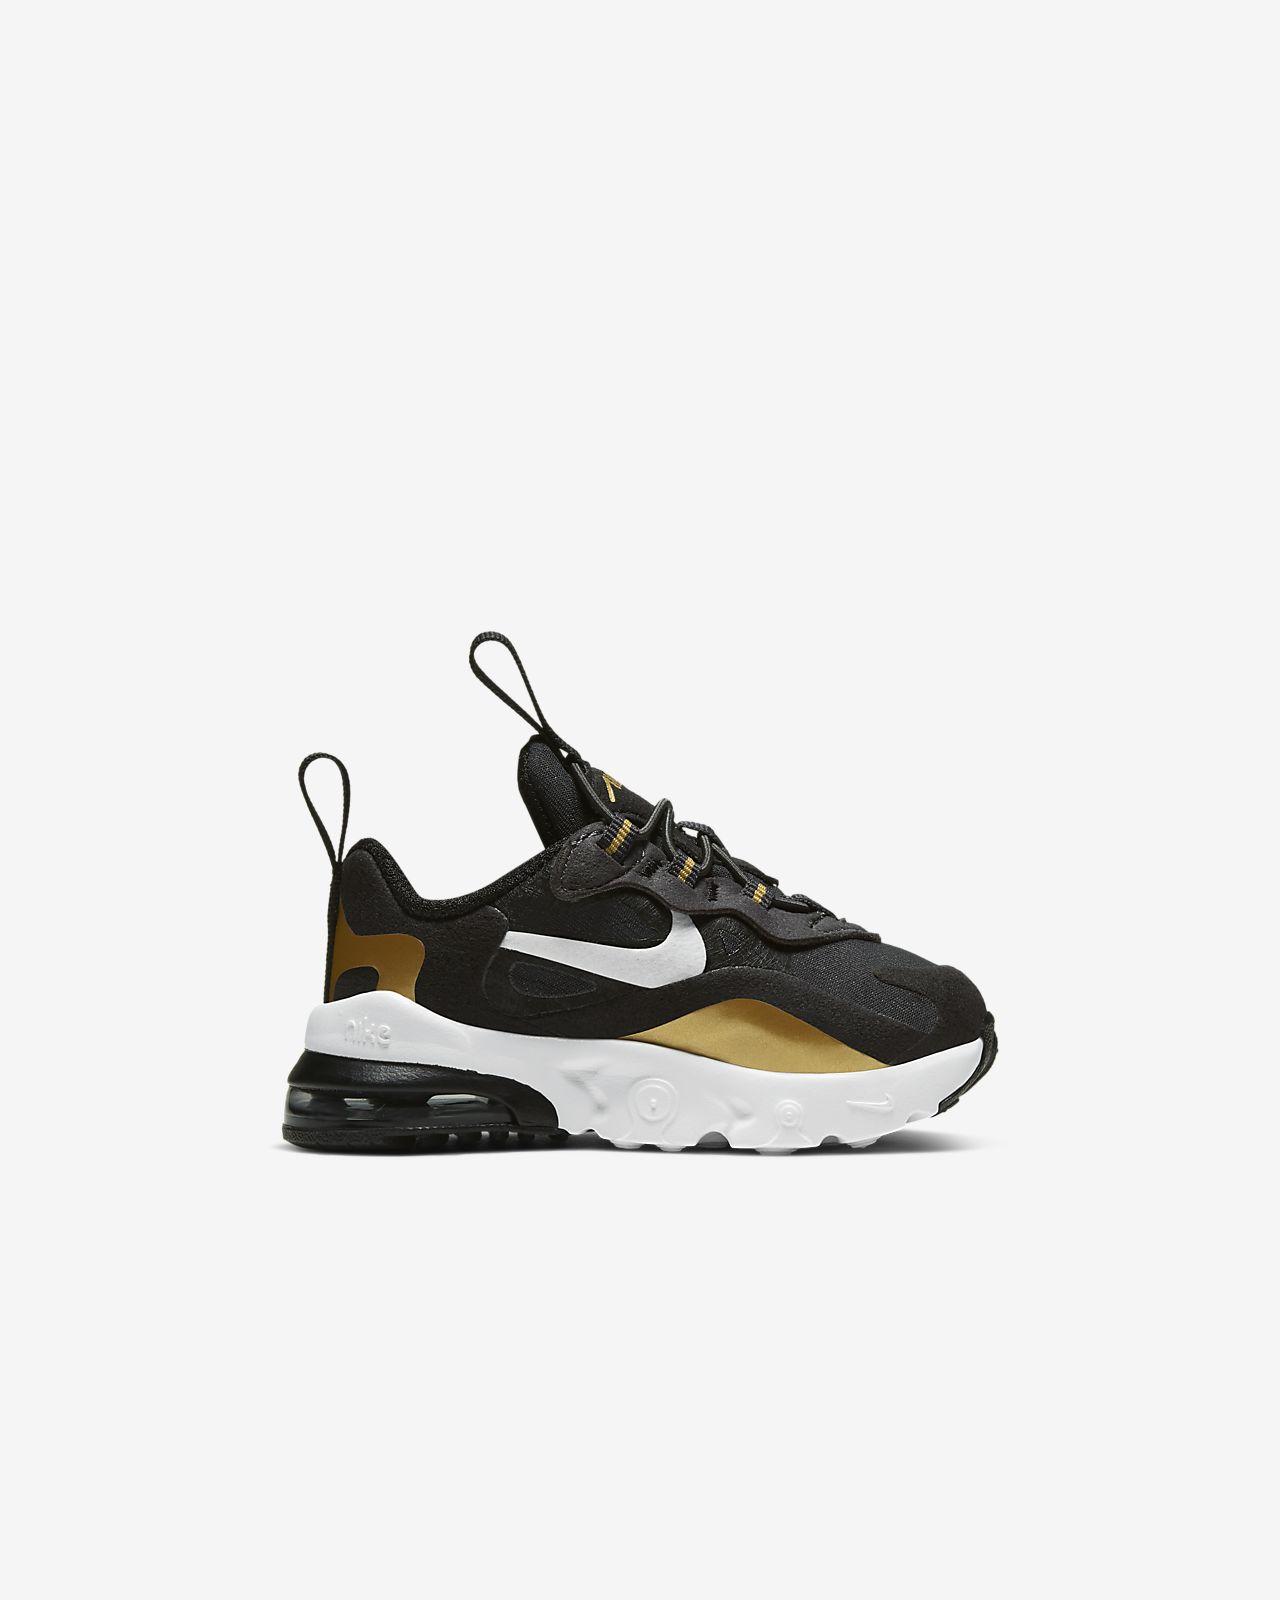 Nike Air Max 270 RT BabyToddler Shoe